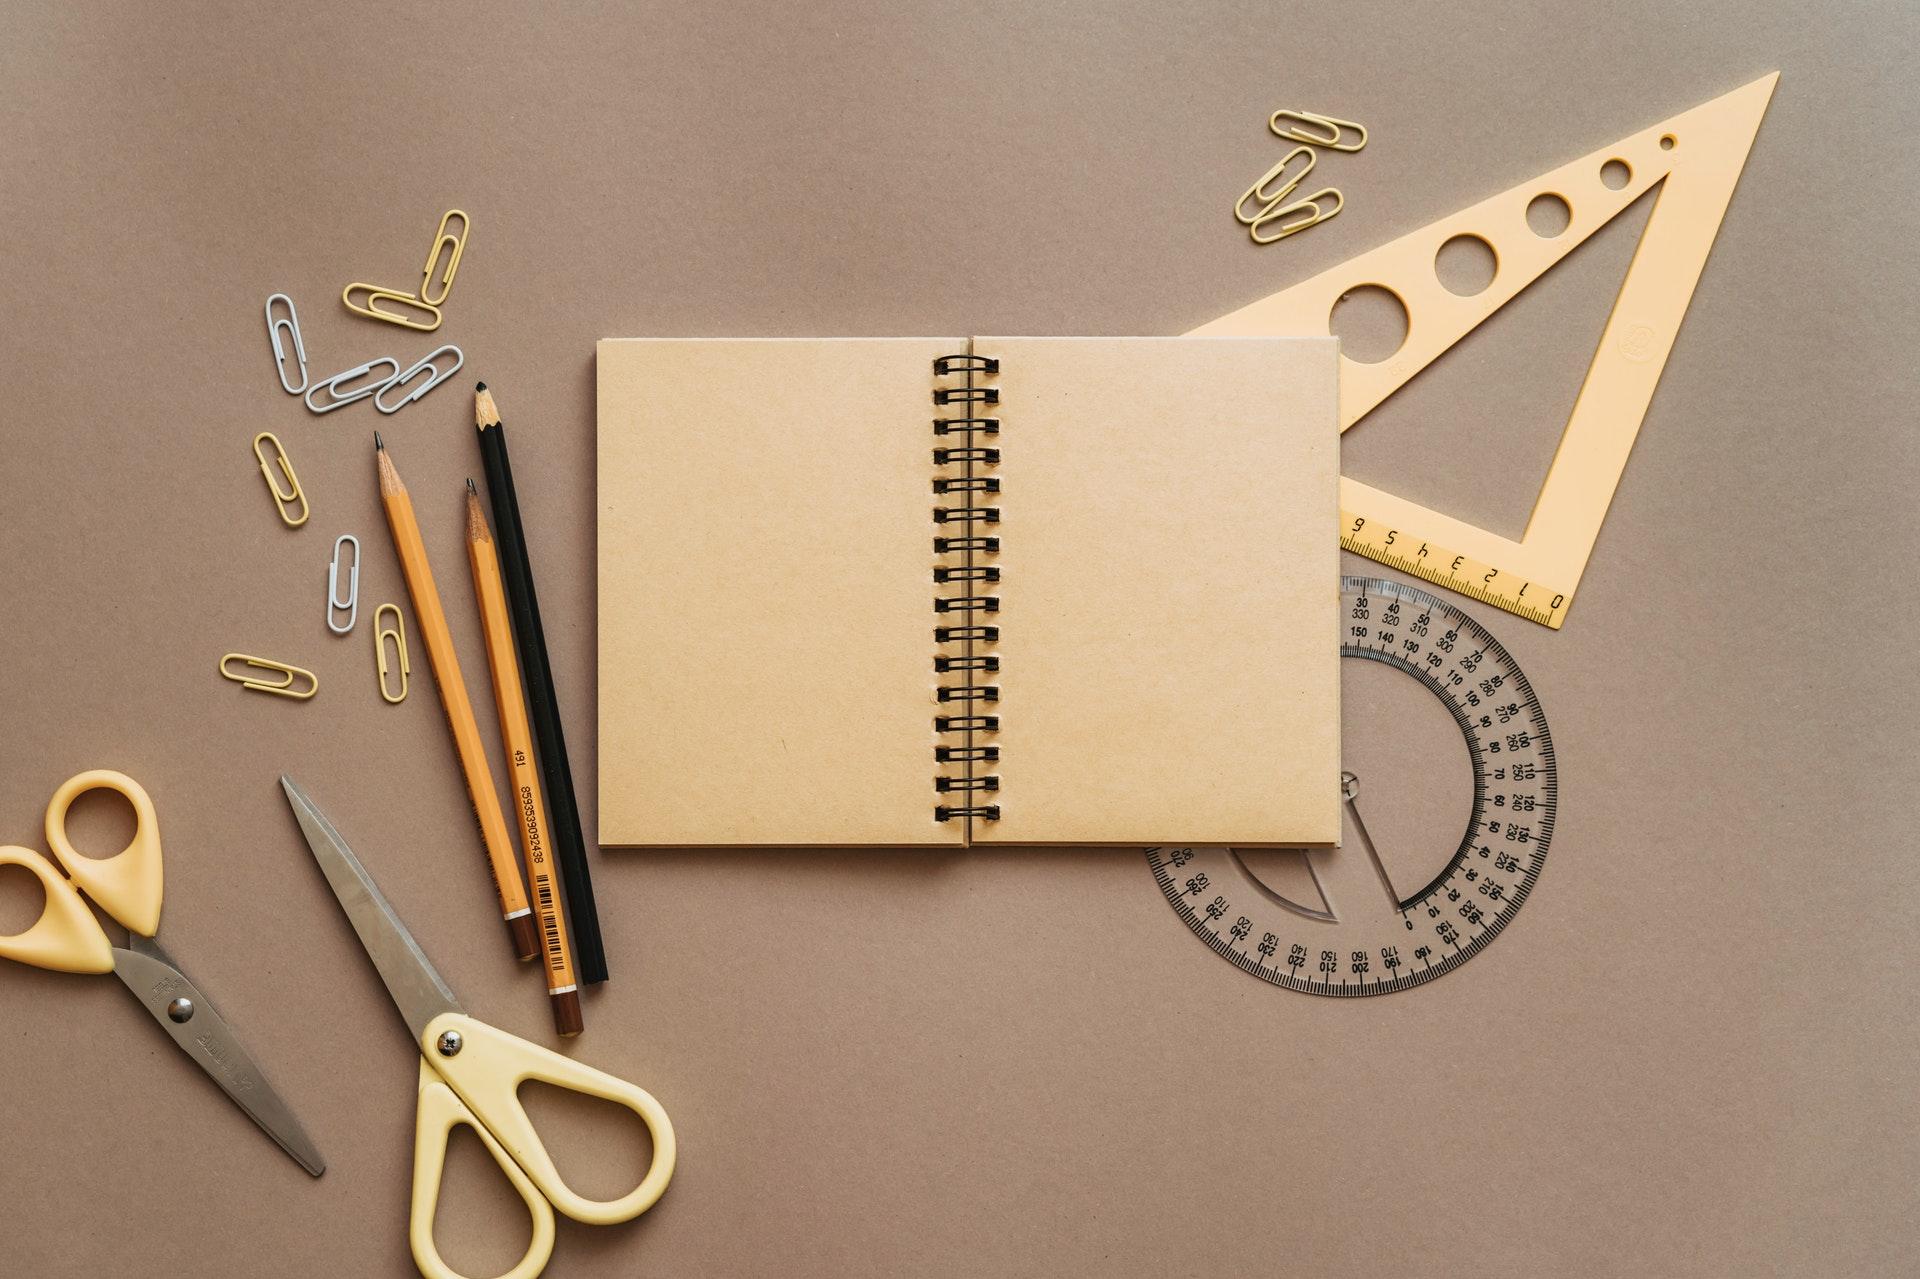 Praca i wykształcenie w branży budowlanej